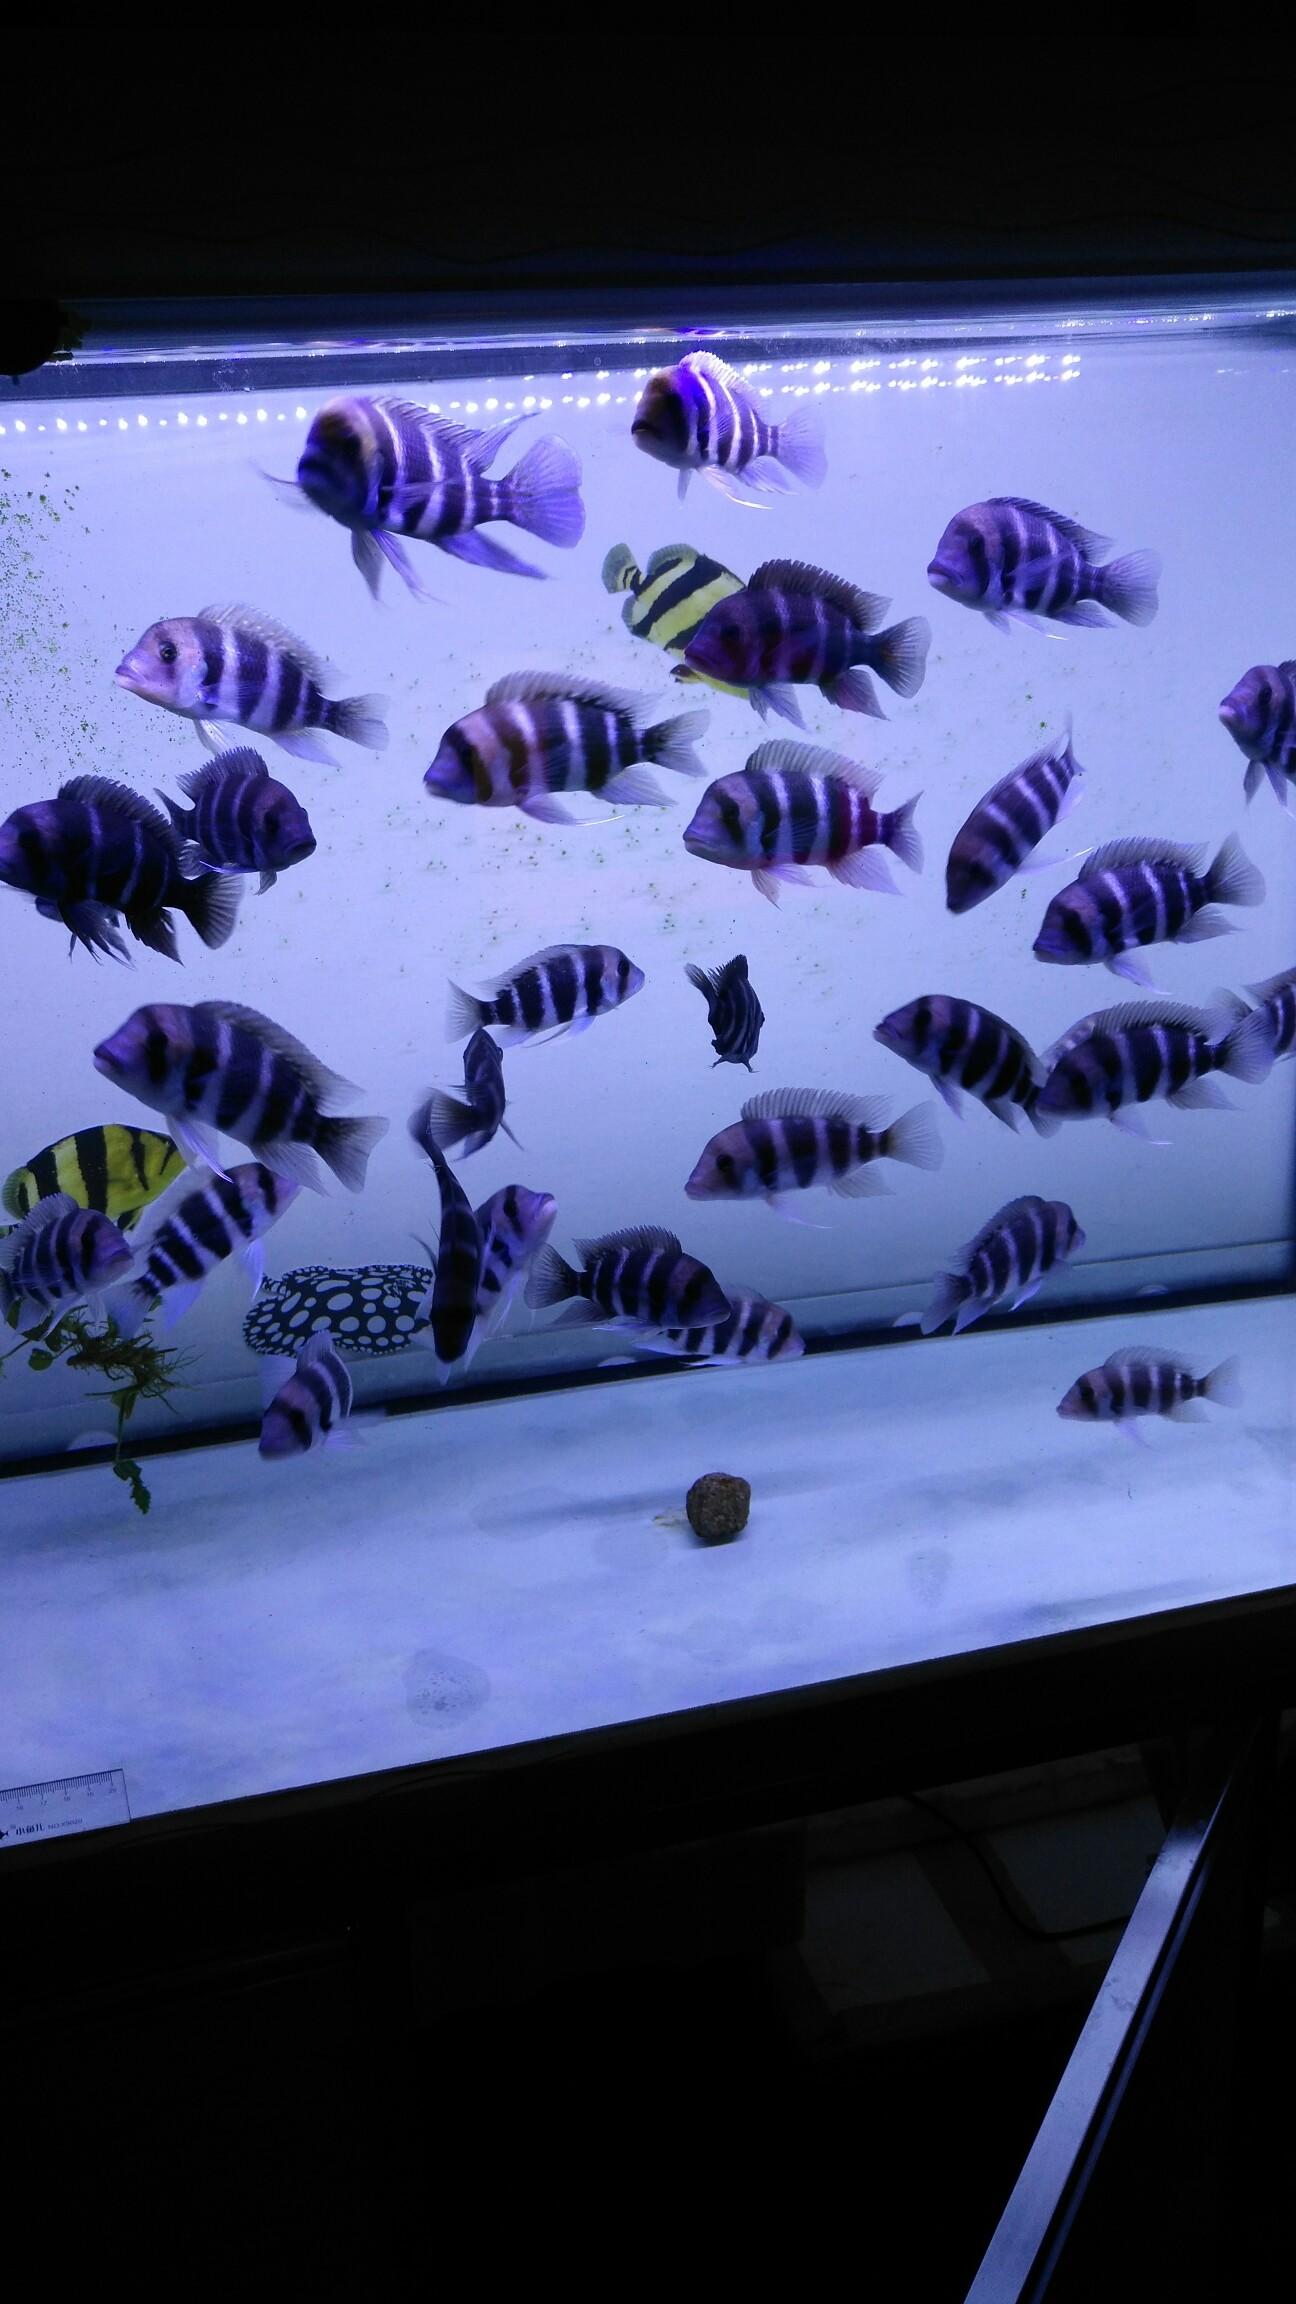 我的小布 西安观赏鱼信息 西安博特第3张